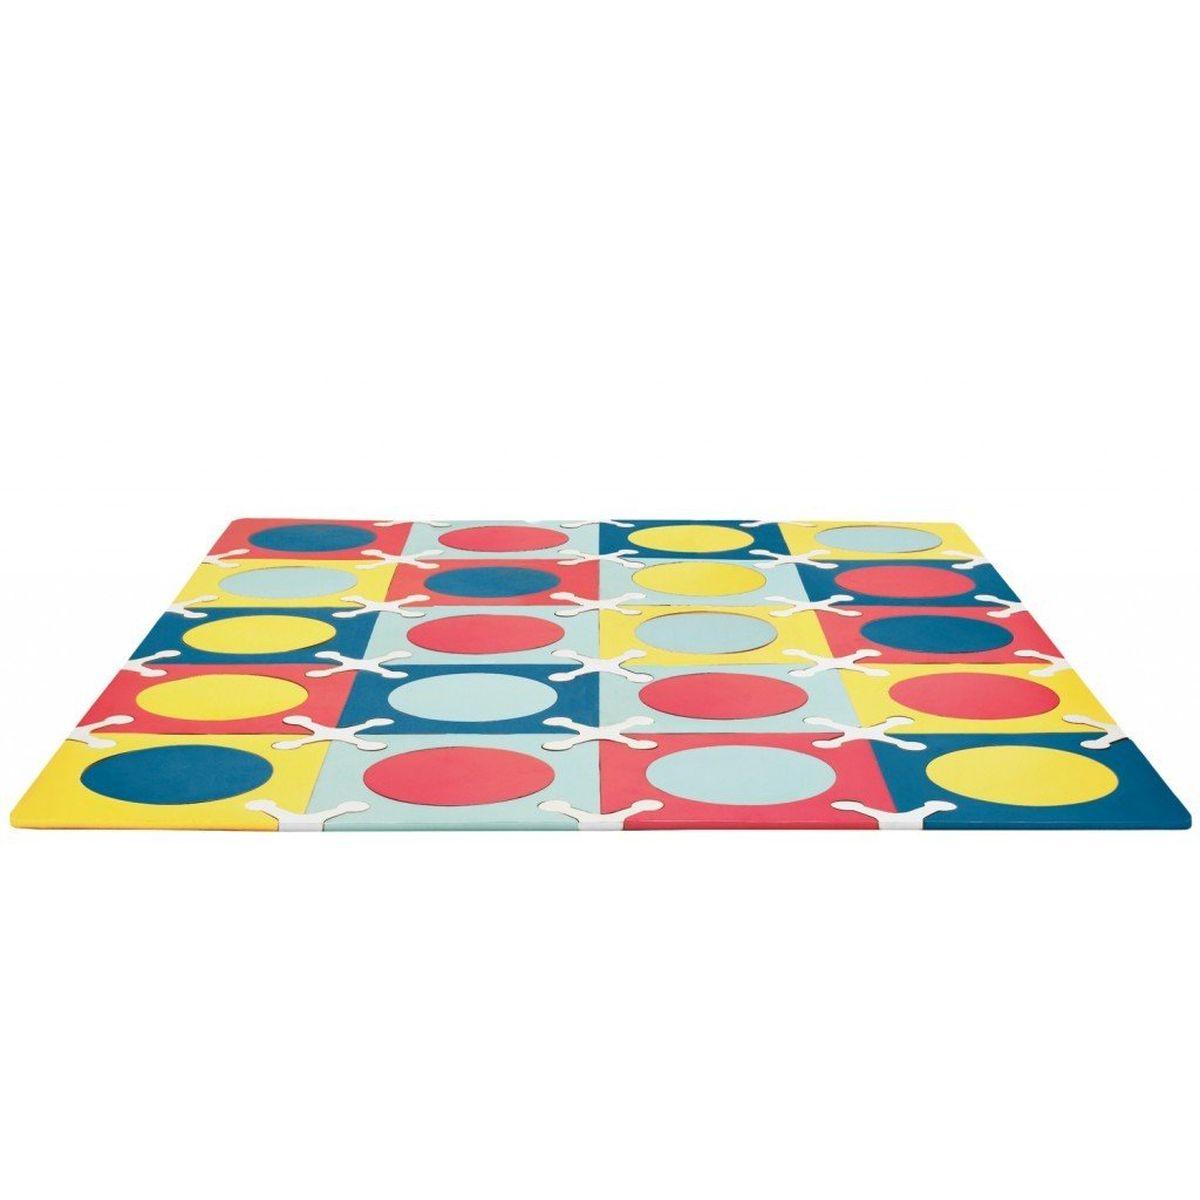 Skip Hop Напольный коврик Мульти миксSH 242026Напольный коврик Skip Hop Мульти микс для организации игрового места ребёнка состоит из сегментов разной геометрической формы и цвета, которые соединяются между собой по типу пазлов. Мягкий и плотный полимерный материал абсолютно безопасен для ребёнка, он приятен для его тактильных ощущений и служит хорошим теплоизолятором. Малышам будет интересно создавать различные конфигурации коврика и цветовые комбинации, развивая моторику рук и пространственное воображение. Особенности: Напольный коврик-пазл предназначен для создания безопасной и комфортной игровой зоны малыша и развития его творческих способностей. Все сегменты коврика исполнены из мягкого и безопасного современного материала, стильной расцветки, которая прекрасно гармонирует с интерьером квартиры. Благодаря коврику родители смогут организовать игровое пространство малыша, создавая яркую, безопасную и комфортную поверхность для игр. Коврик можно собрать из квадратов и...